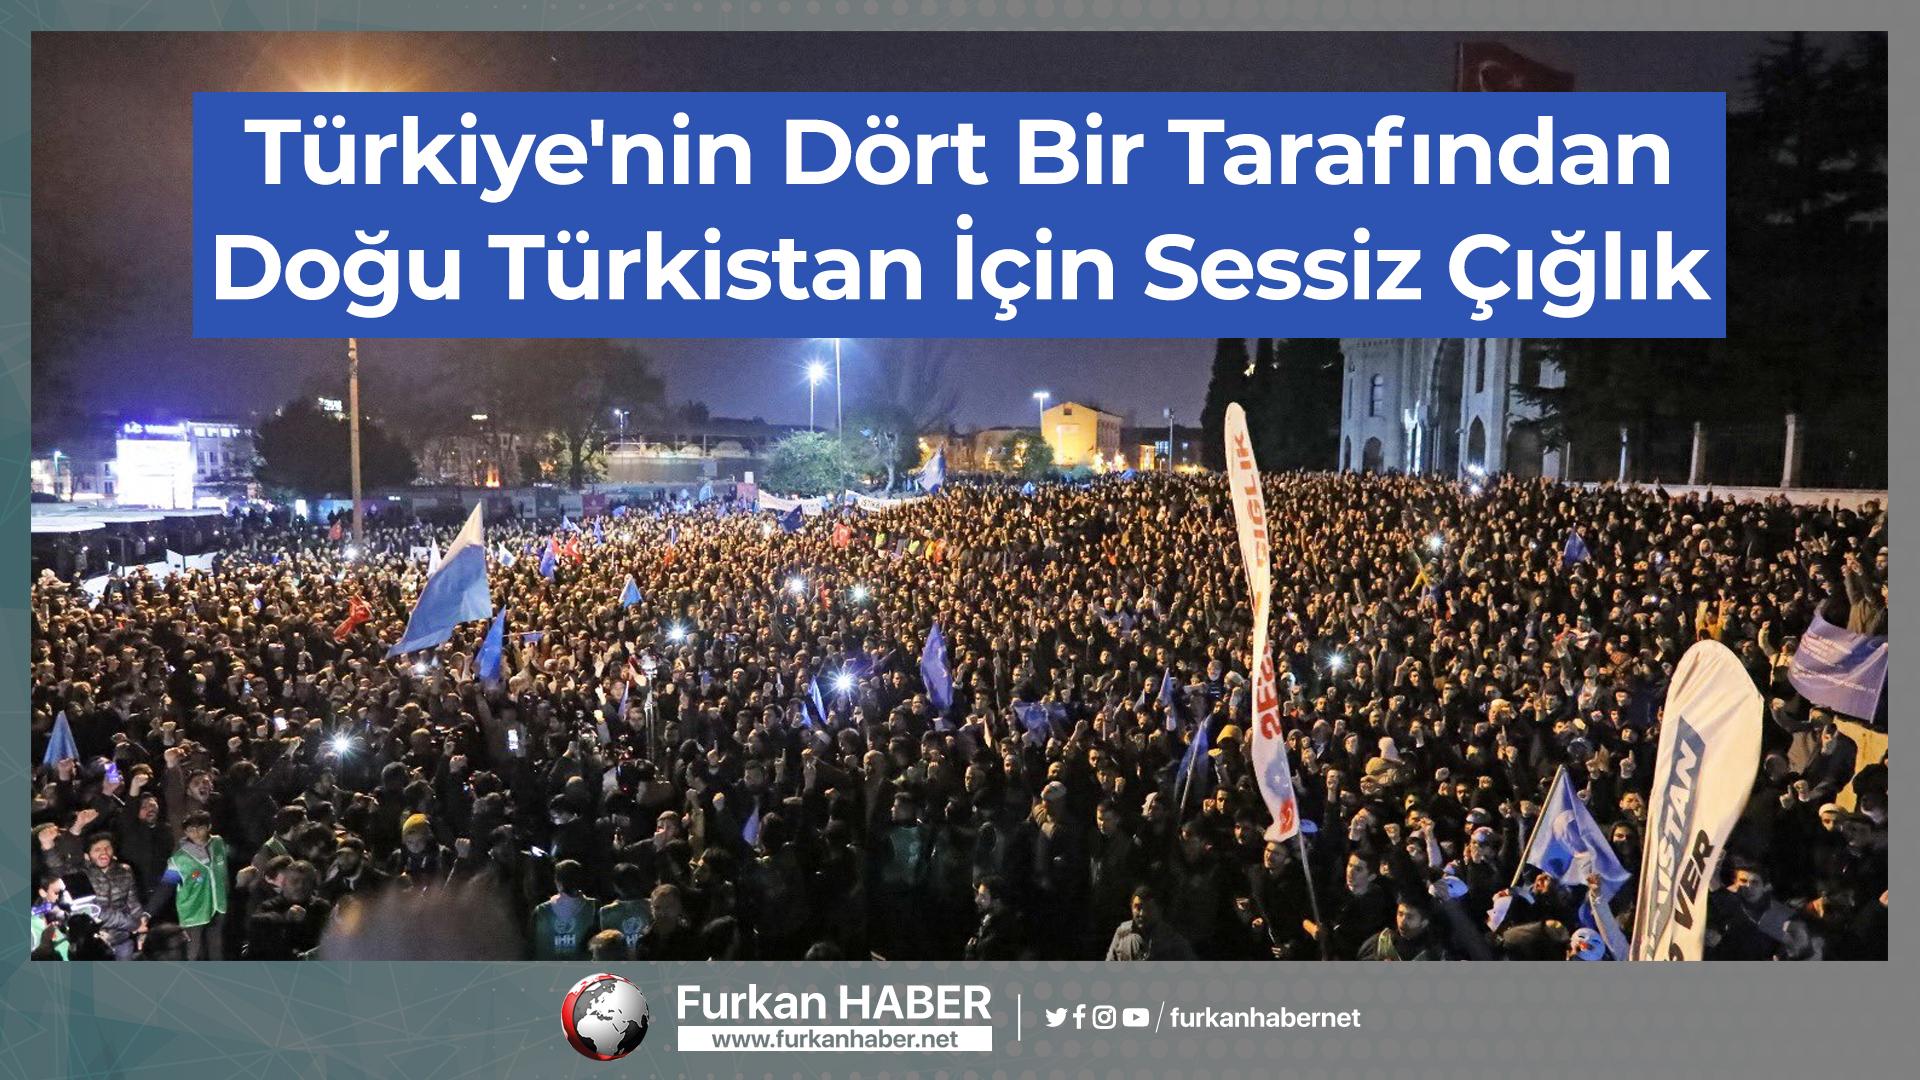 Türkiye'nin Dört Bir Tarafından Doğu Türkistan İçin Sessiz Çığlık